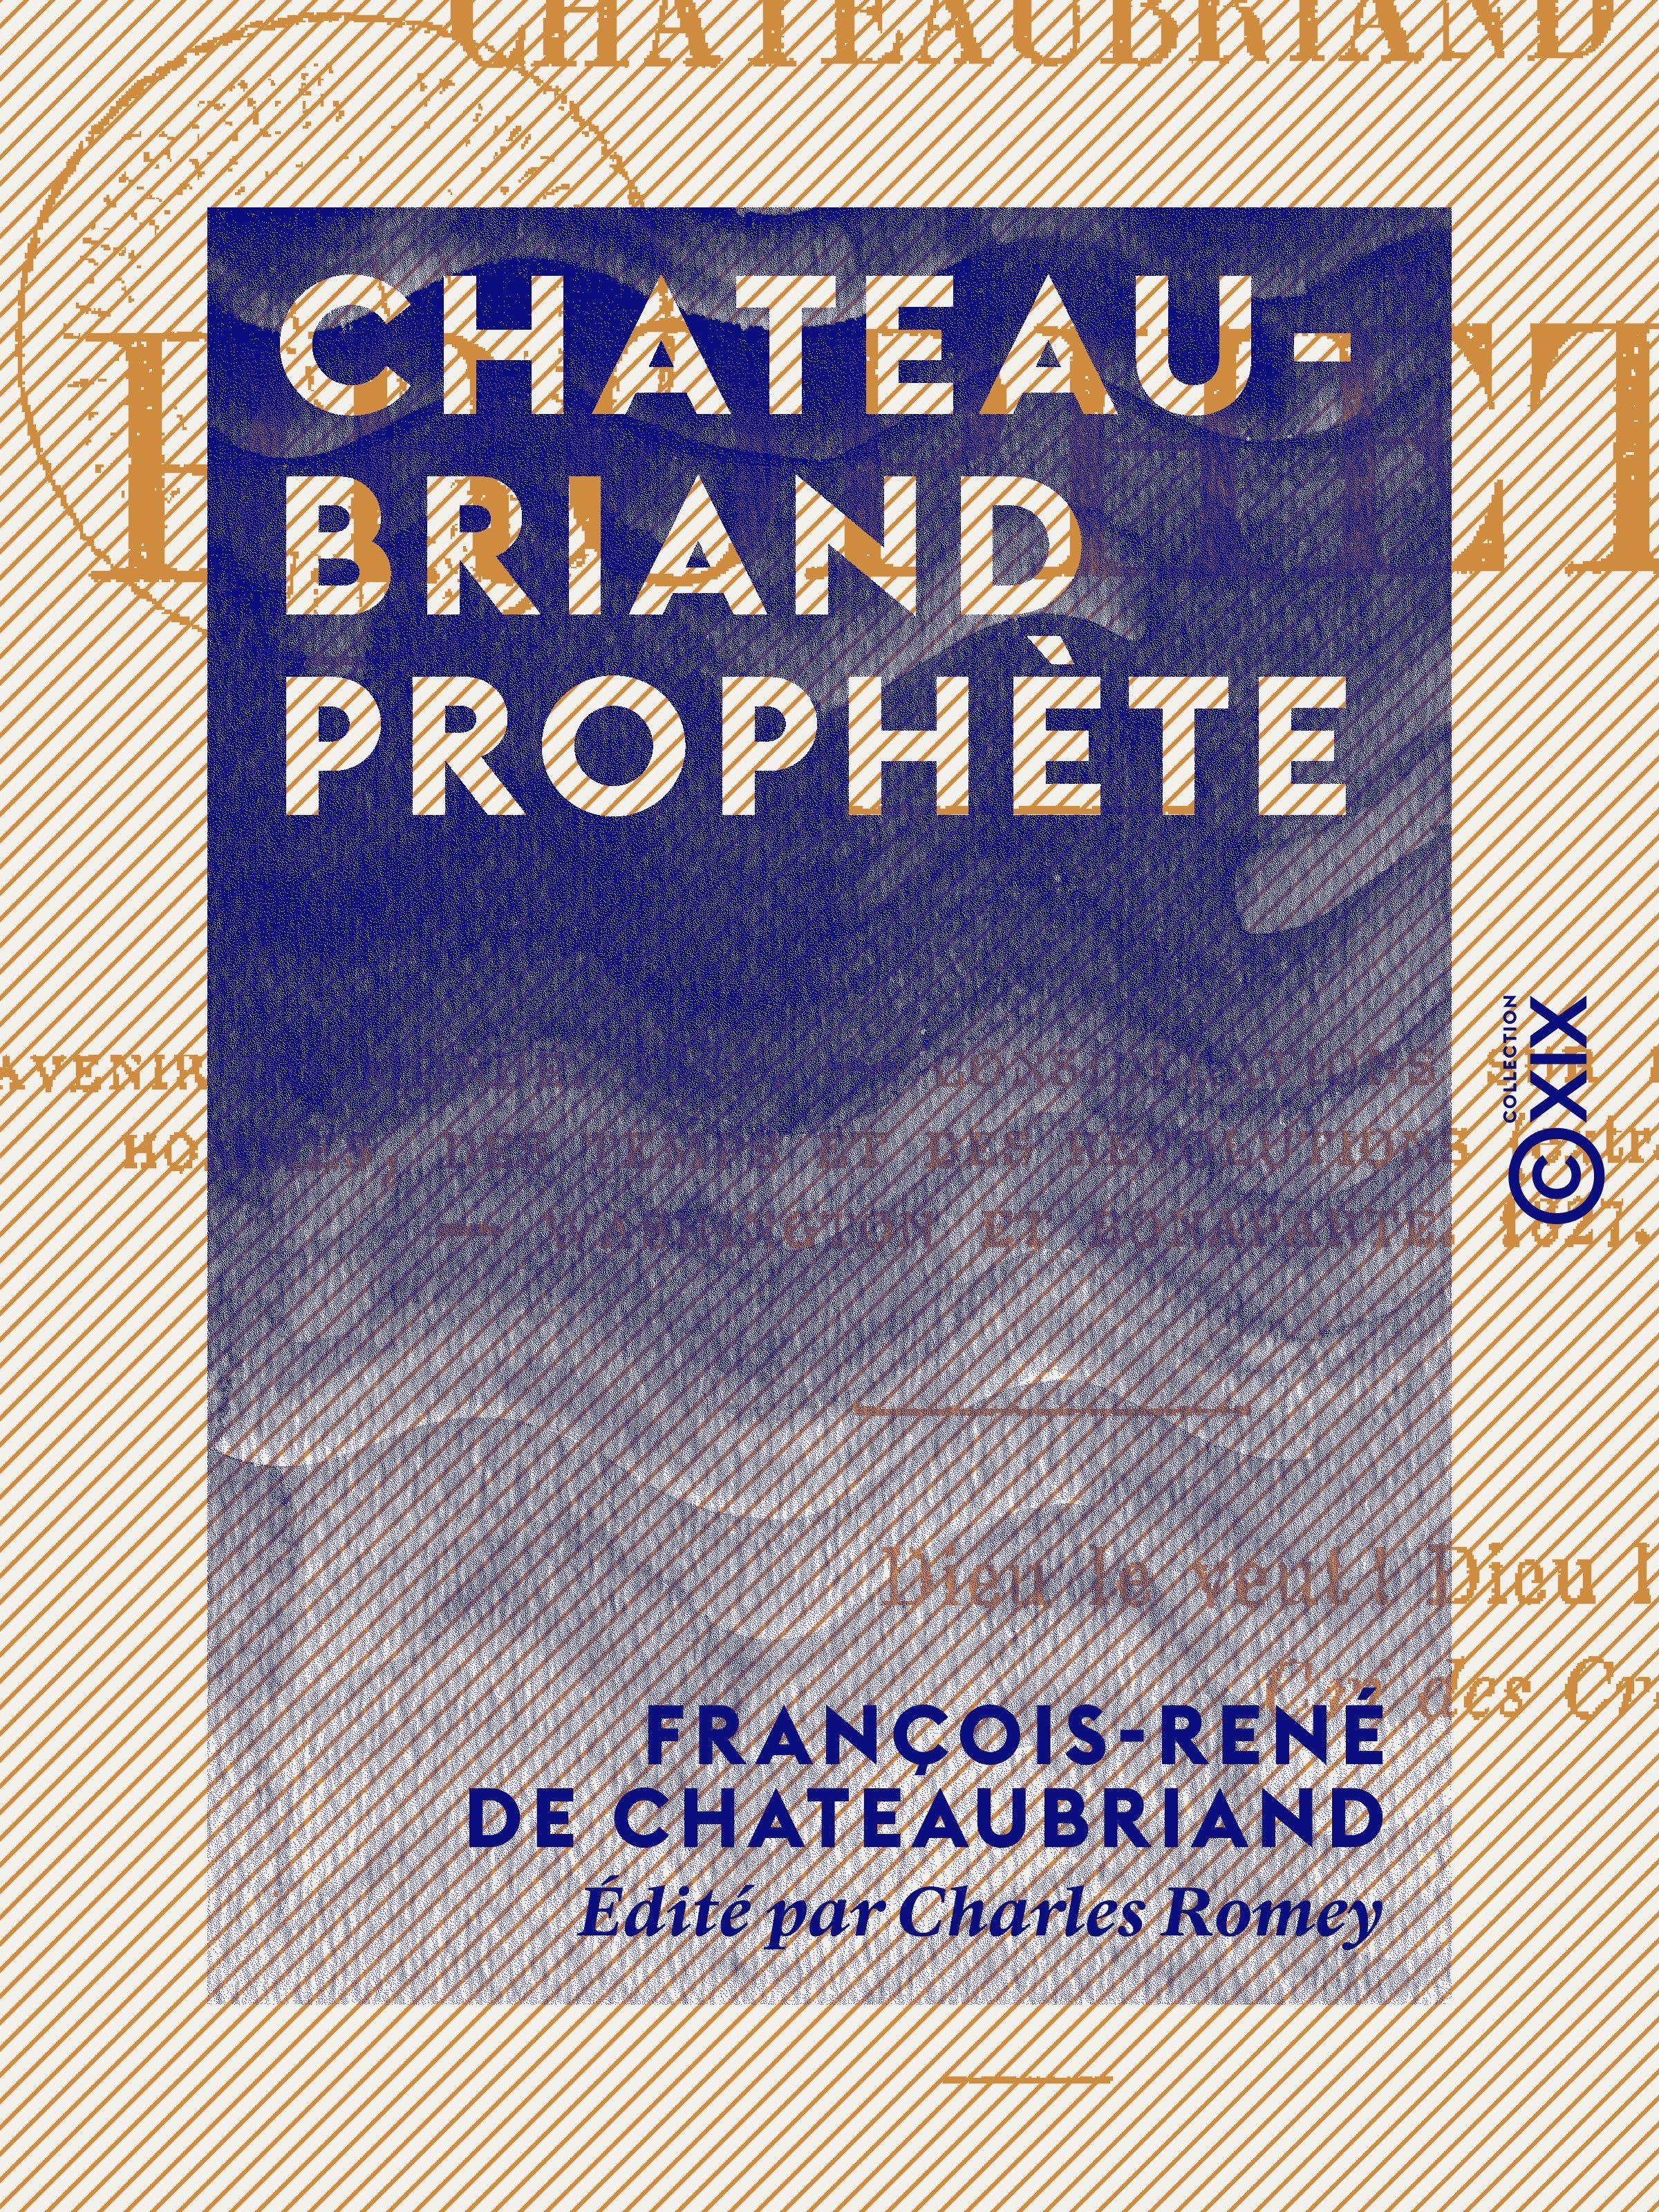 Chateaubriand prophète